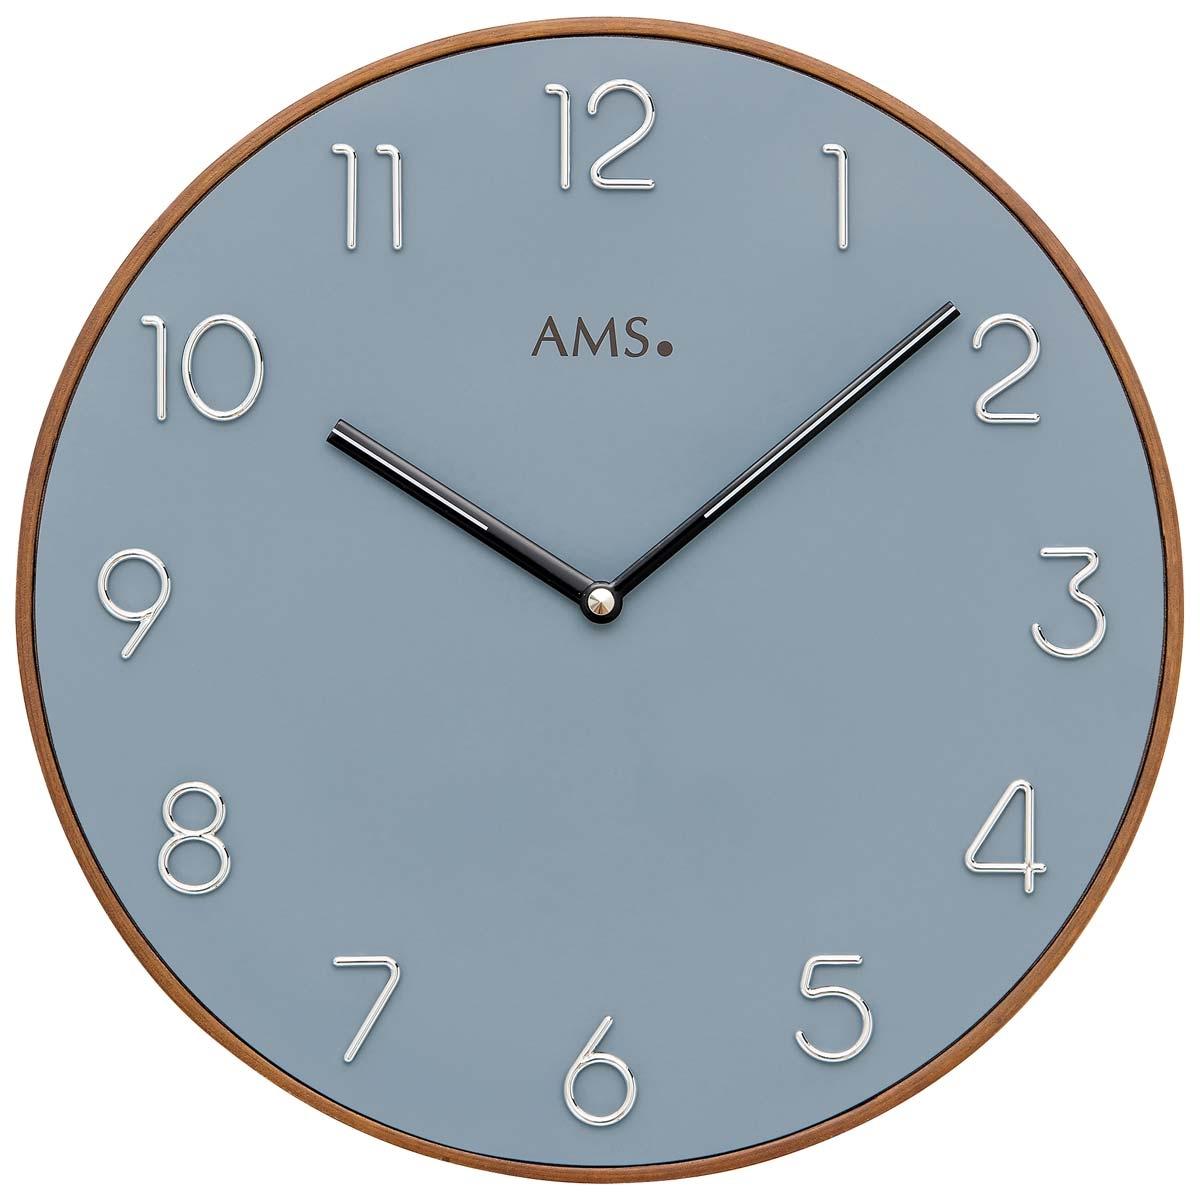 Uhren | Chrono12 - AMS 9564 Wanduhr modern - Serie: AMS Design